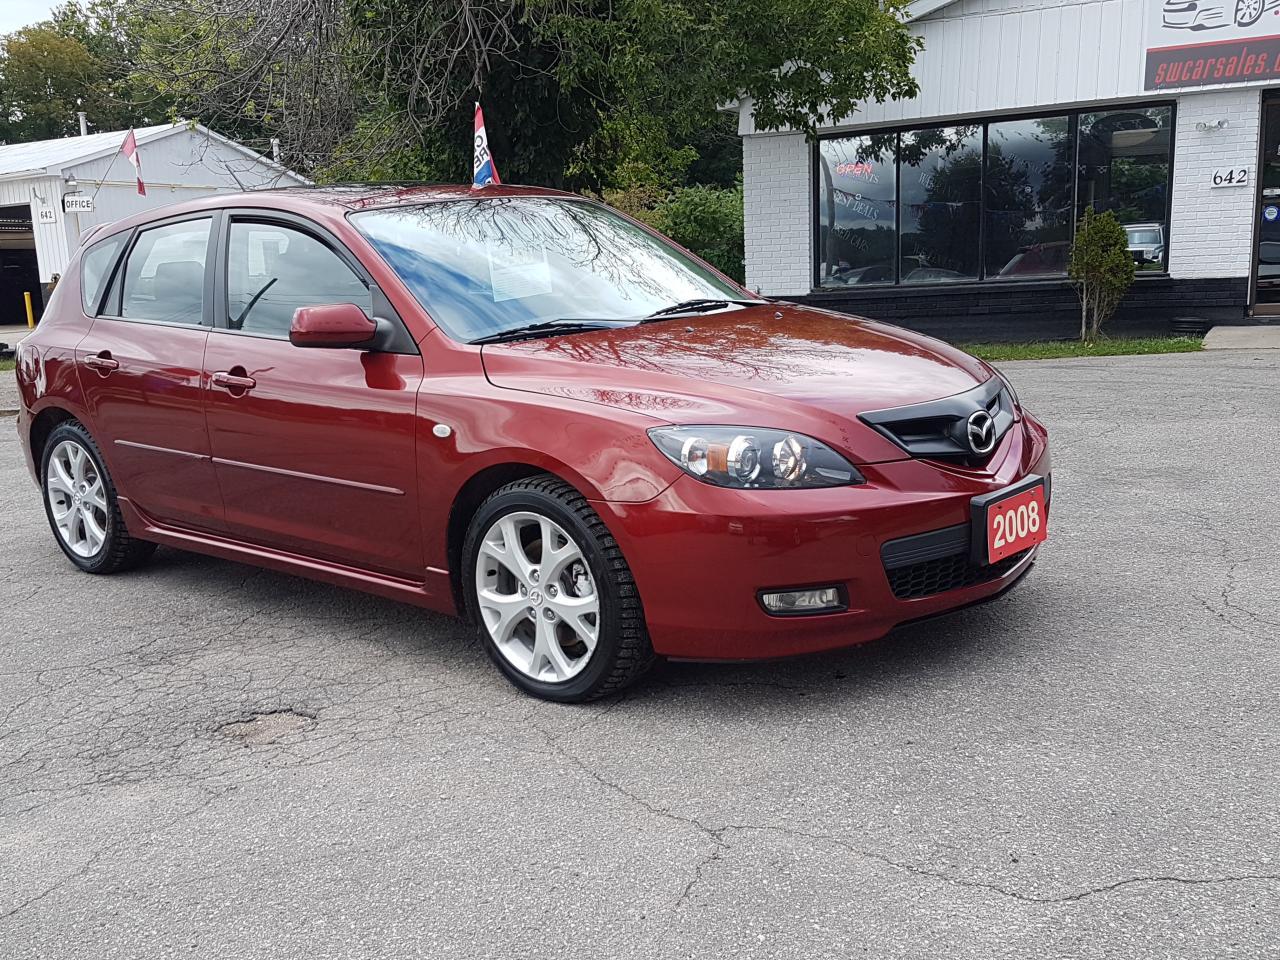 Used 2008 Mazda MAZDA3 GT for Sale in Barrie, Ontario